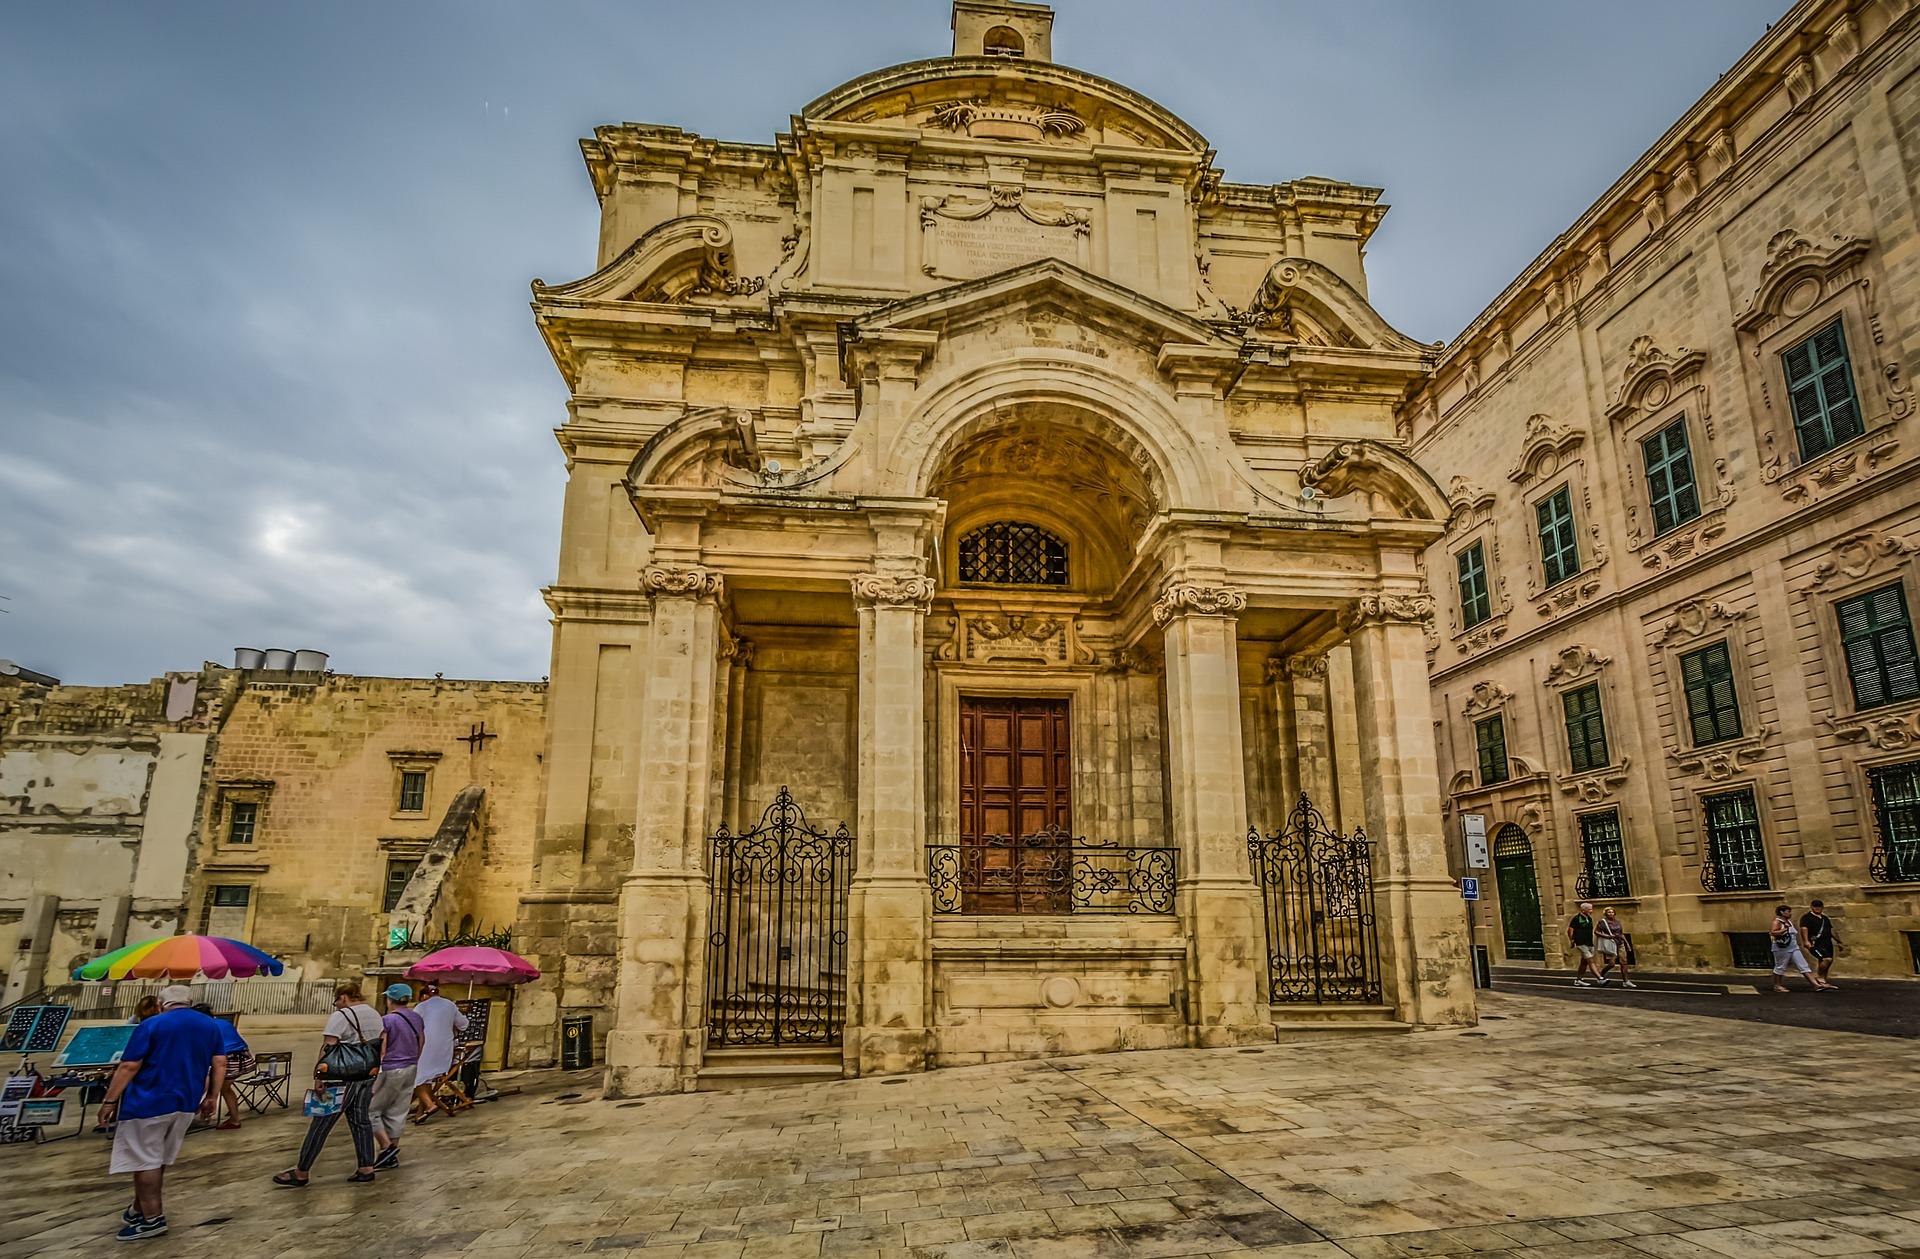 Cultura, gastronomia y buceo en Malta